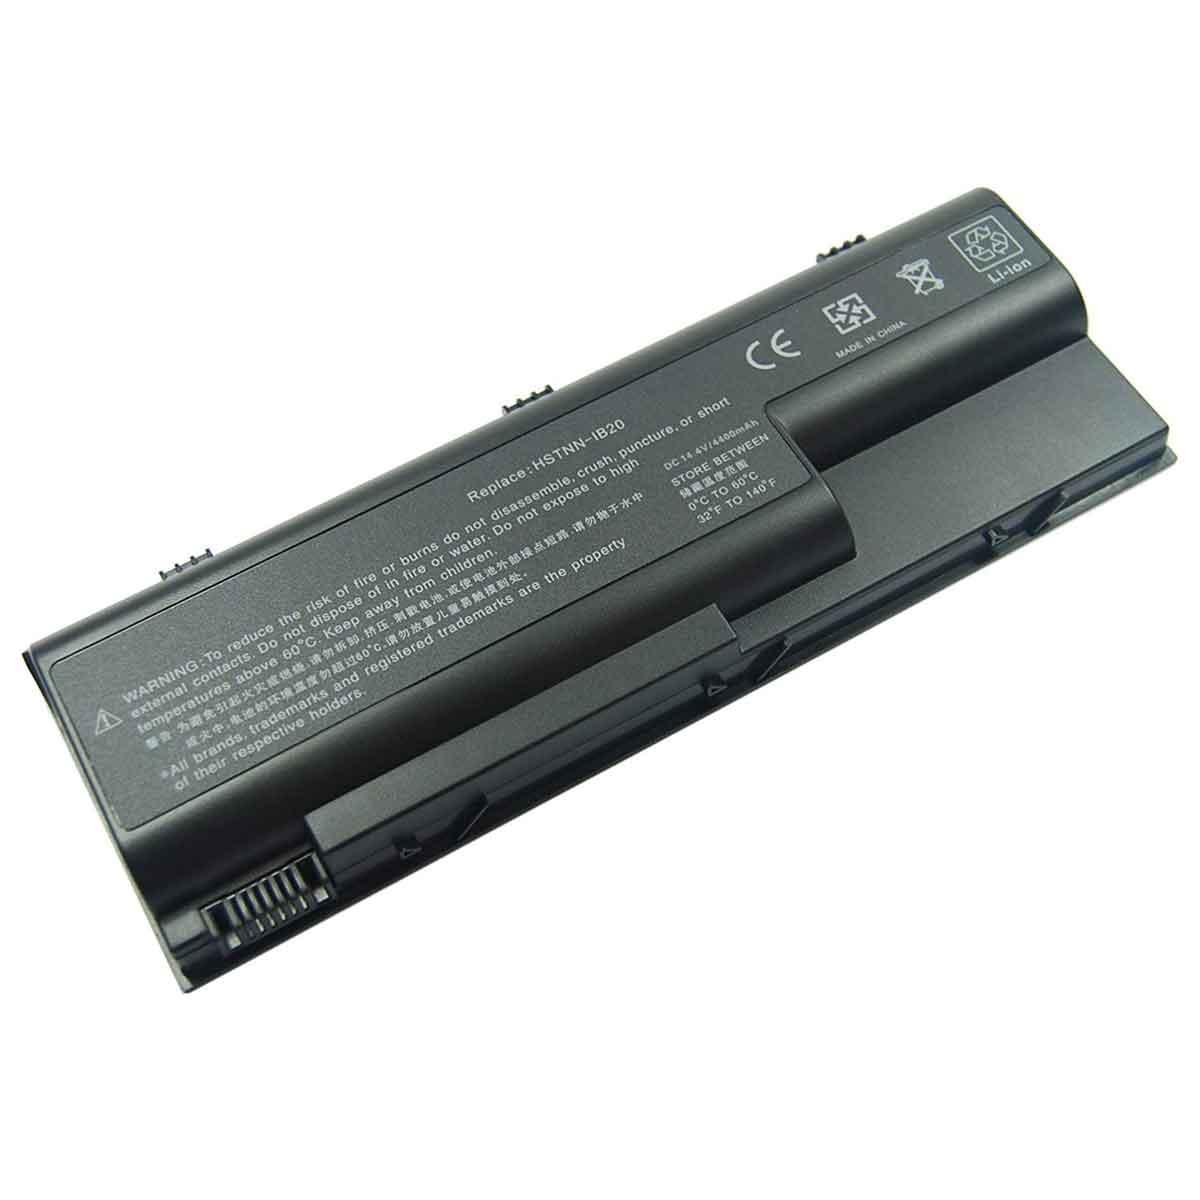 باتری لپ تاپ اچ پی Battery Laptop HP DV8000